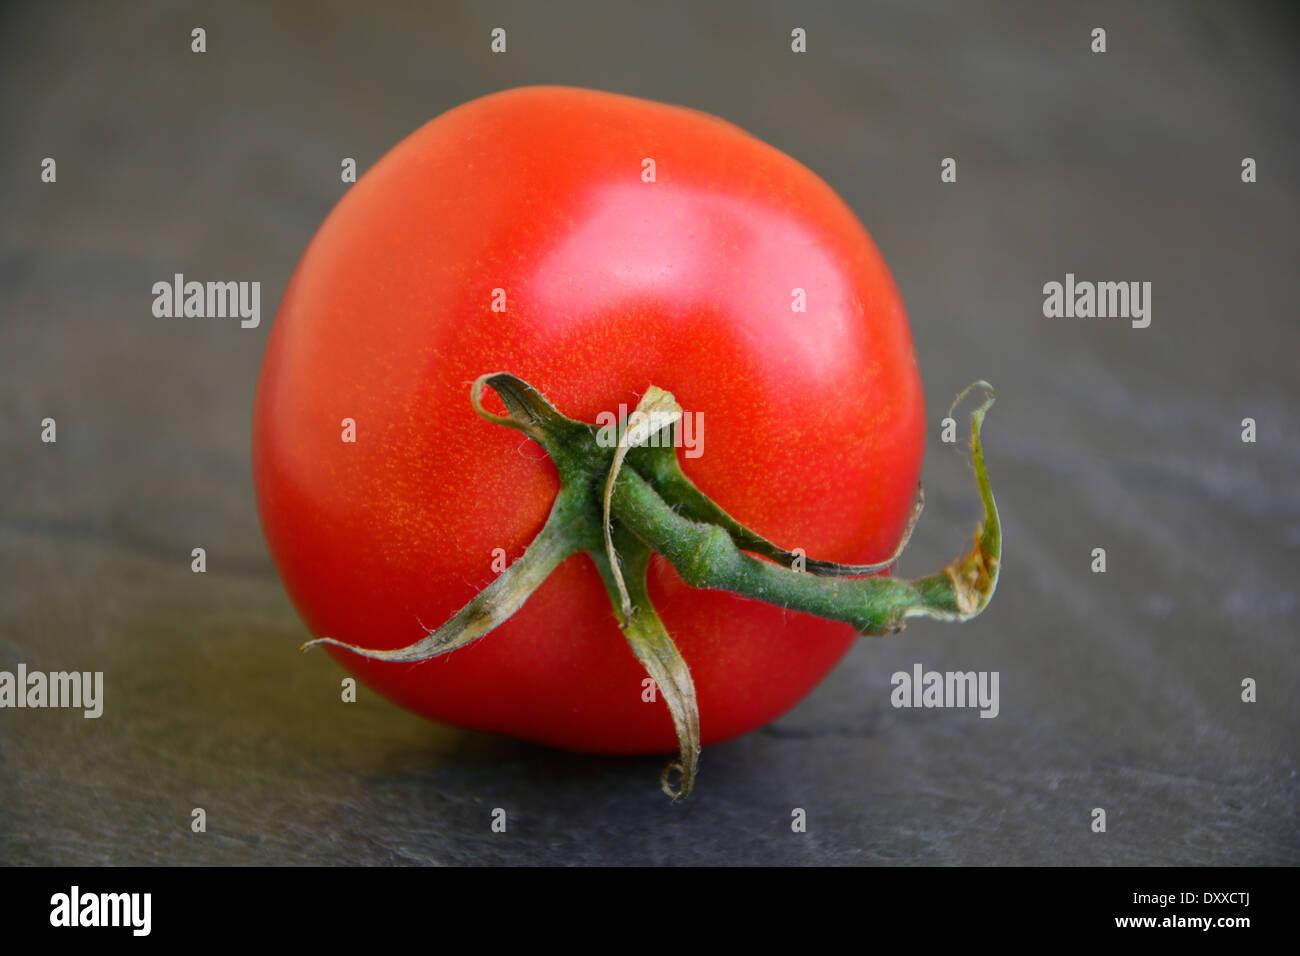 Fresh red tomato on grey black slate macro close-up Frische rote Tomate mit Blattgrün auf einer grauen Schieferplatte Makro Stock Photo